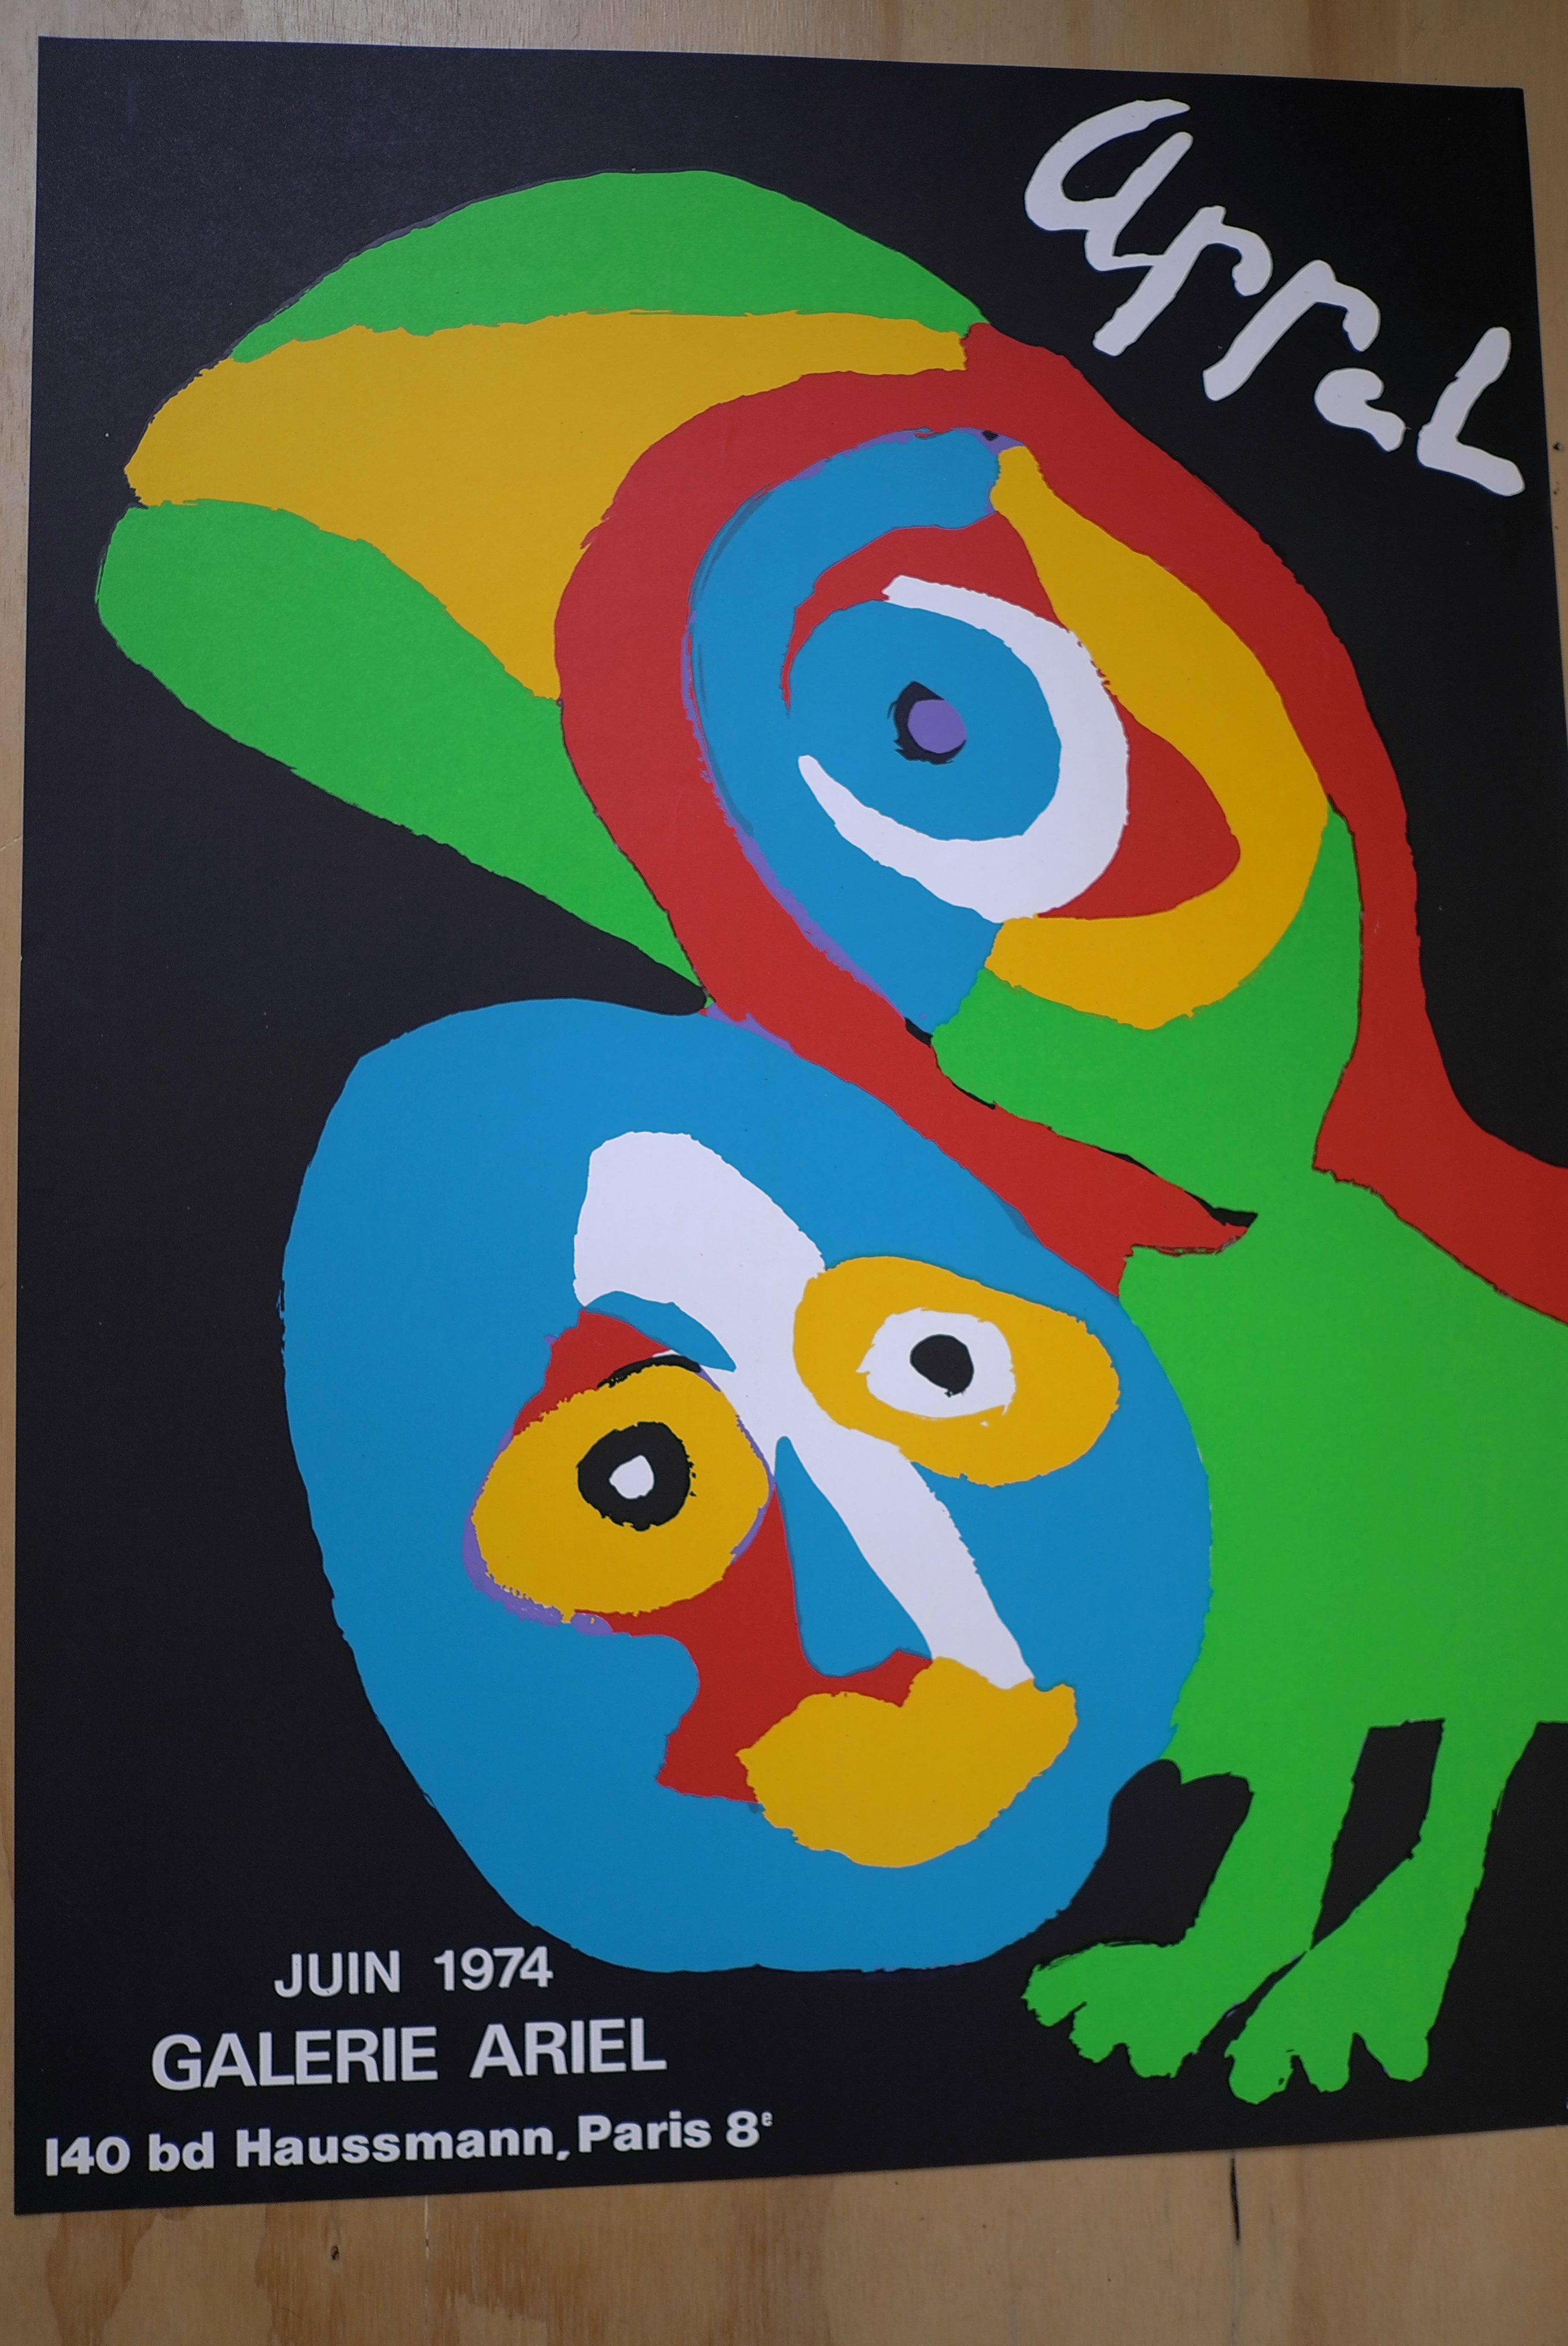 Galerie Ariel 1984 Karel Appel Vintage Offset Poster